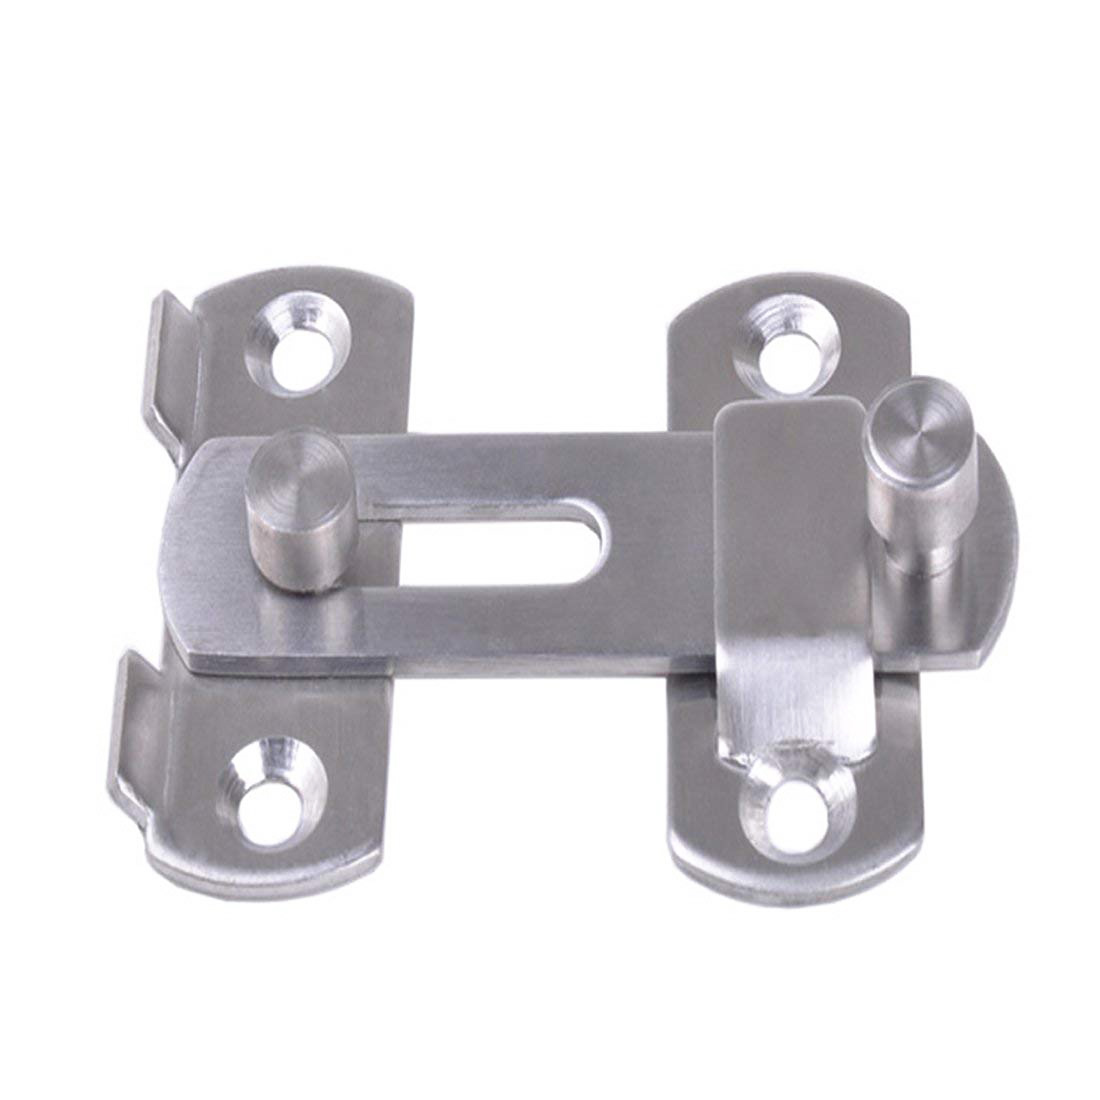 (tropfen Verschiffen) Haspe Latch Metall Haspe Latch Lock Schiebetür Schloss Für Fenster Schrank Passend Kaufen Sie Immer Gut